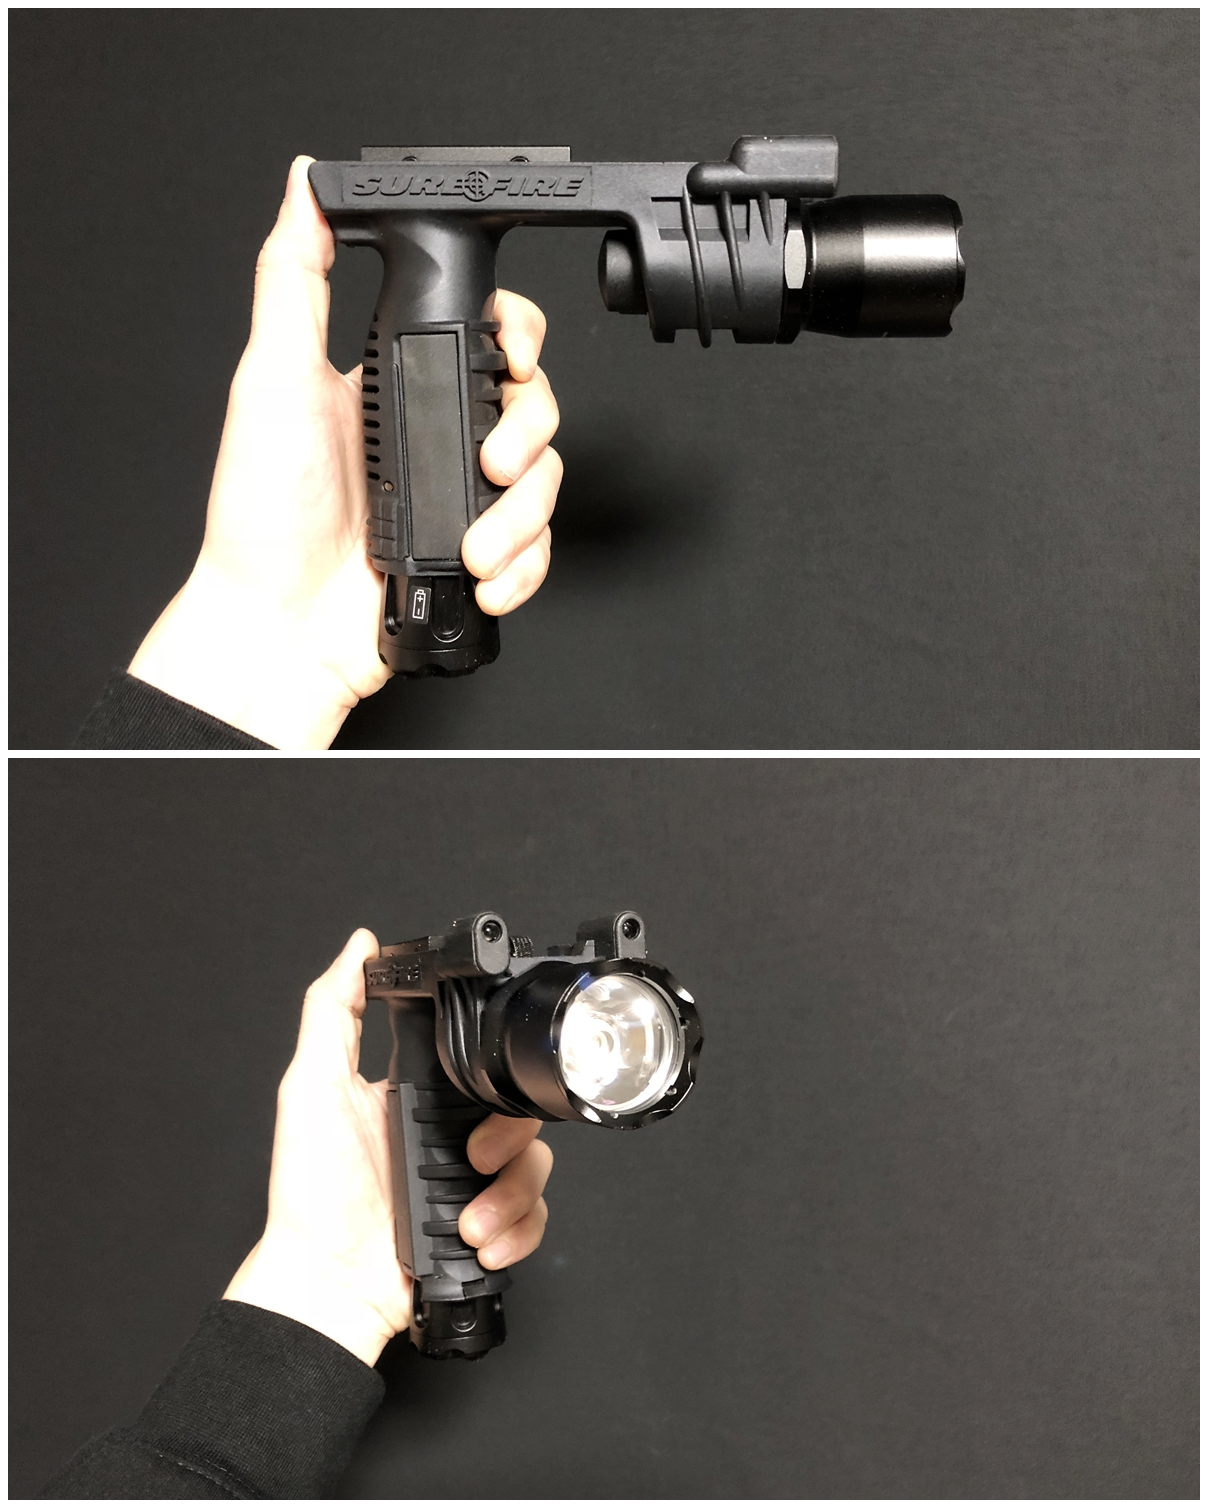 9 東京マルイ 次世代電動ガン HK416D DEVGRU デブグル アメリカ海軍特殊部隊 DEVGRU Seal Team6 新品 箱出し カスタム お勧めパーツ 取付 レビュー